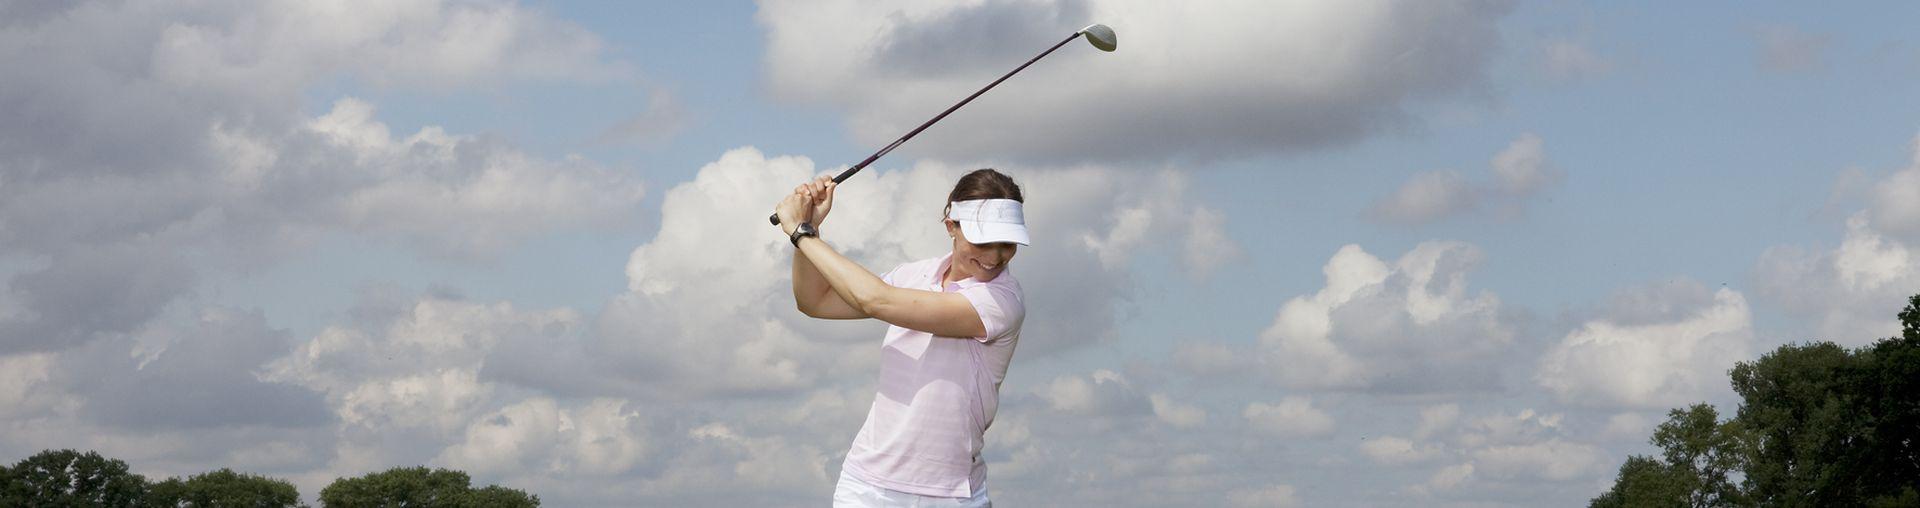 Bild zu Peter Hahn Ladies Golf Tour 2017 – Texas Scramble als 2er Team